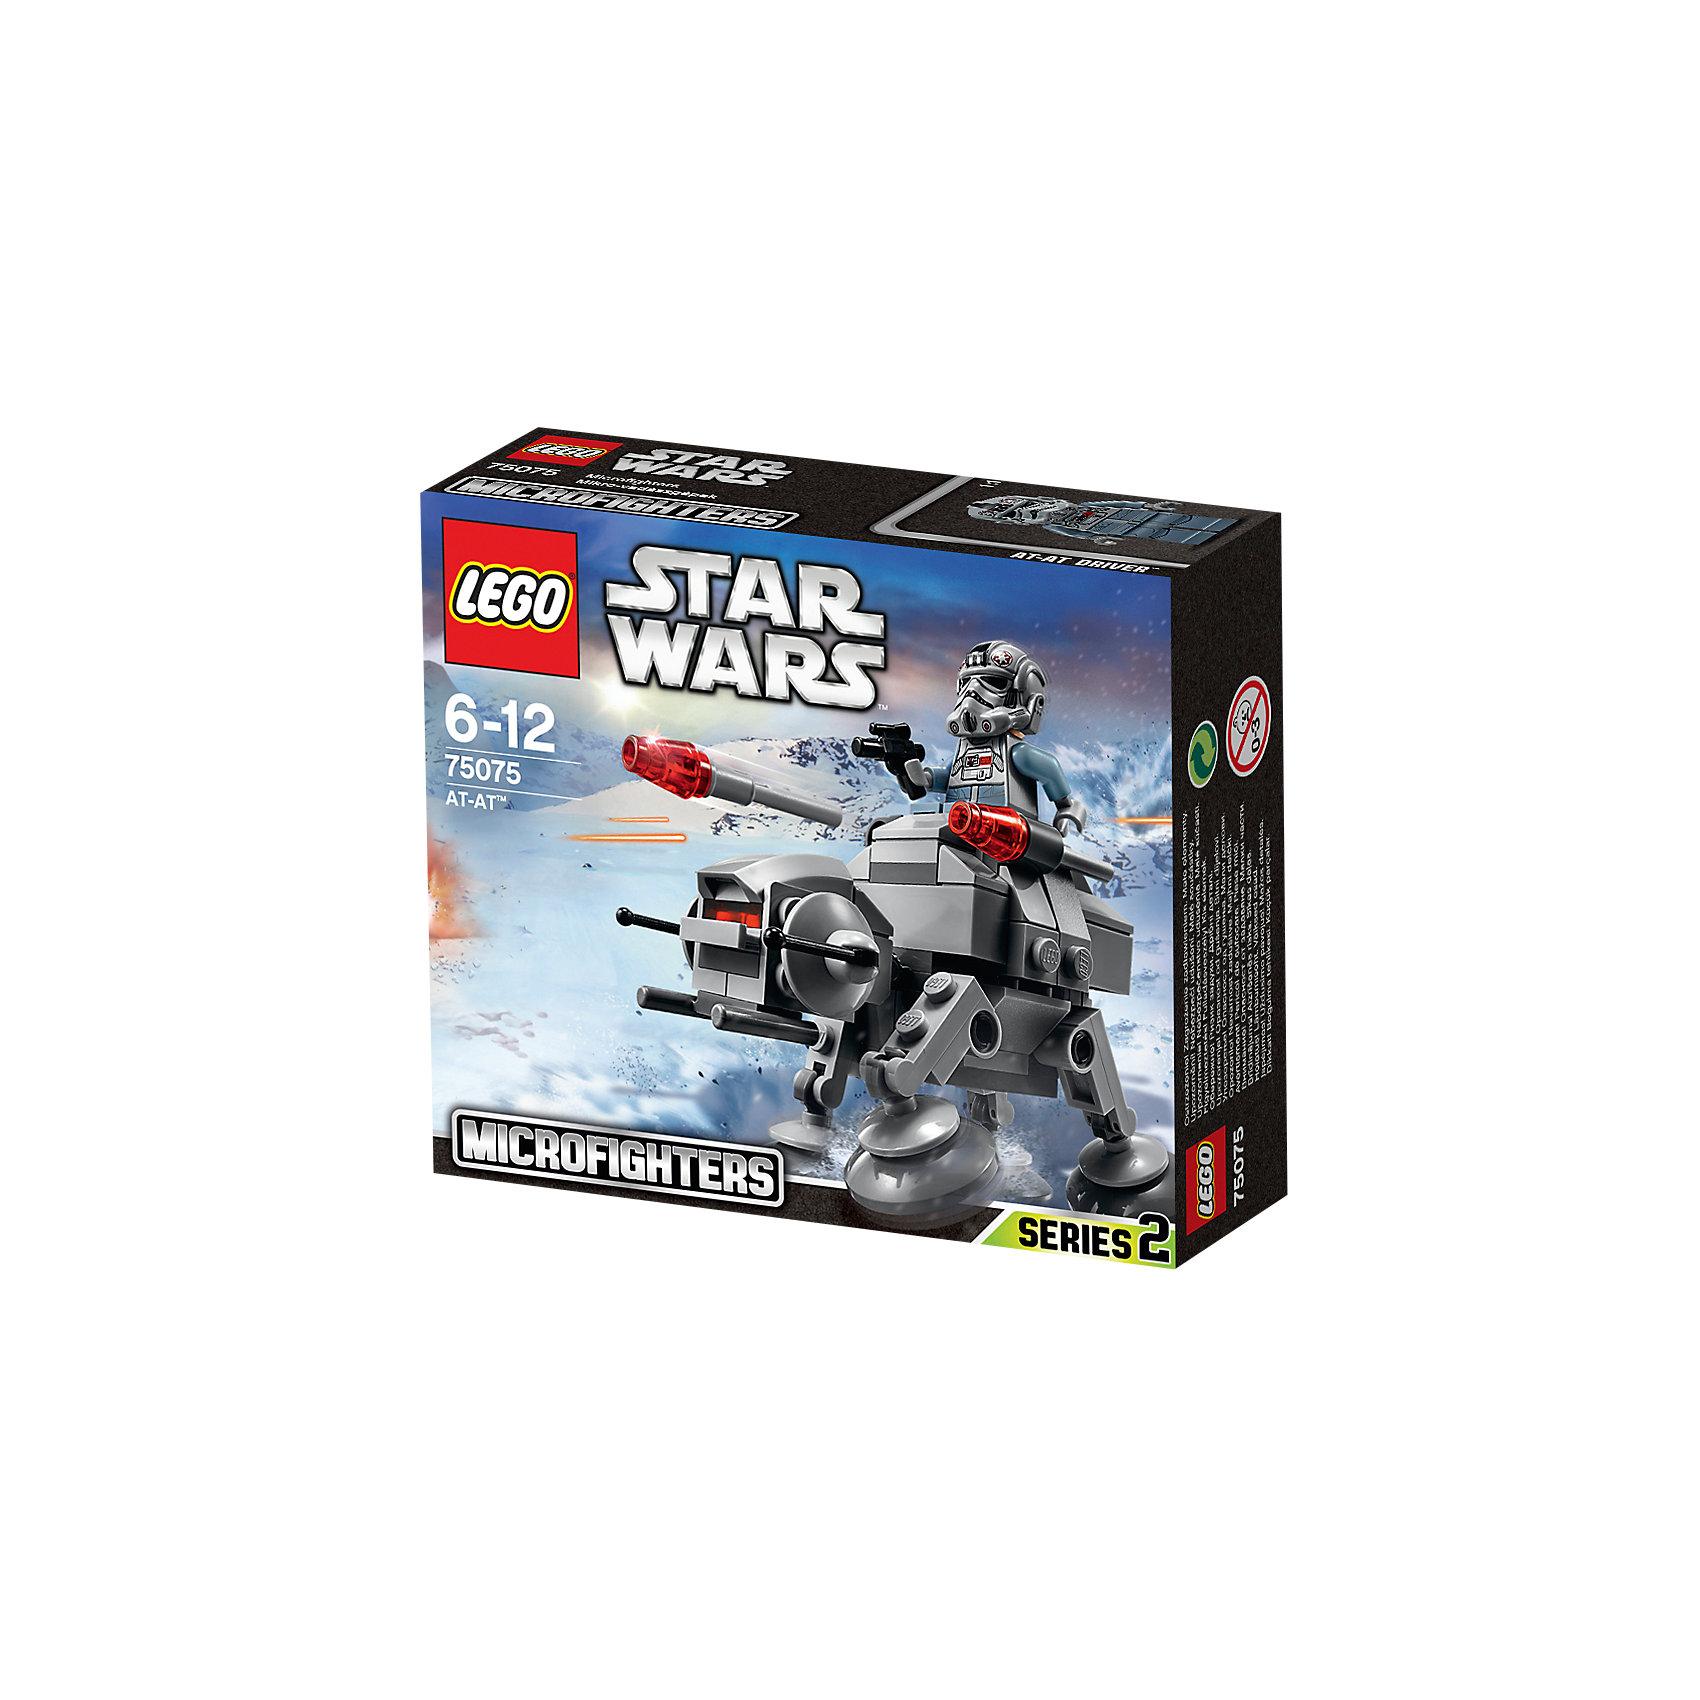 LEGO Star Wars 75075: AT-AT�